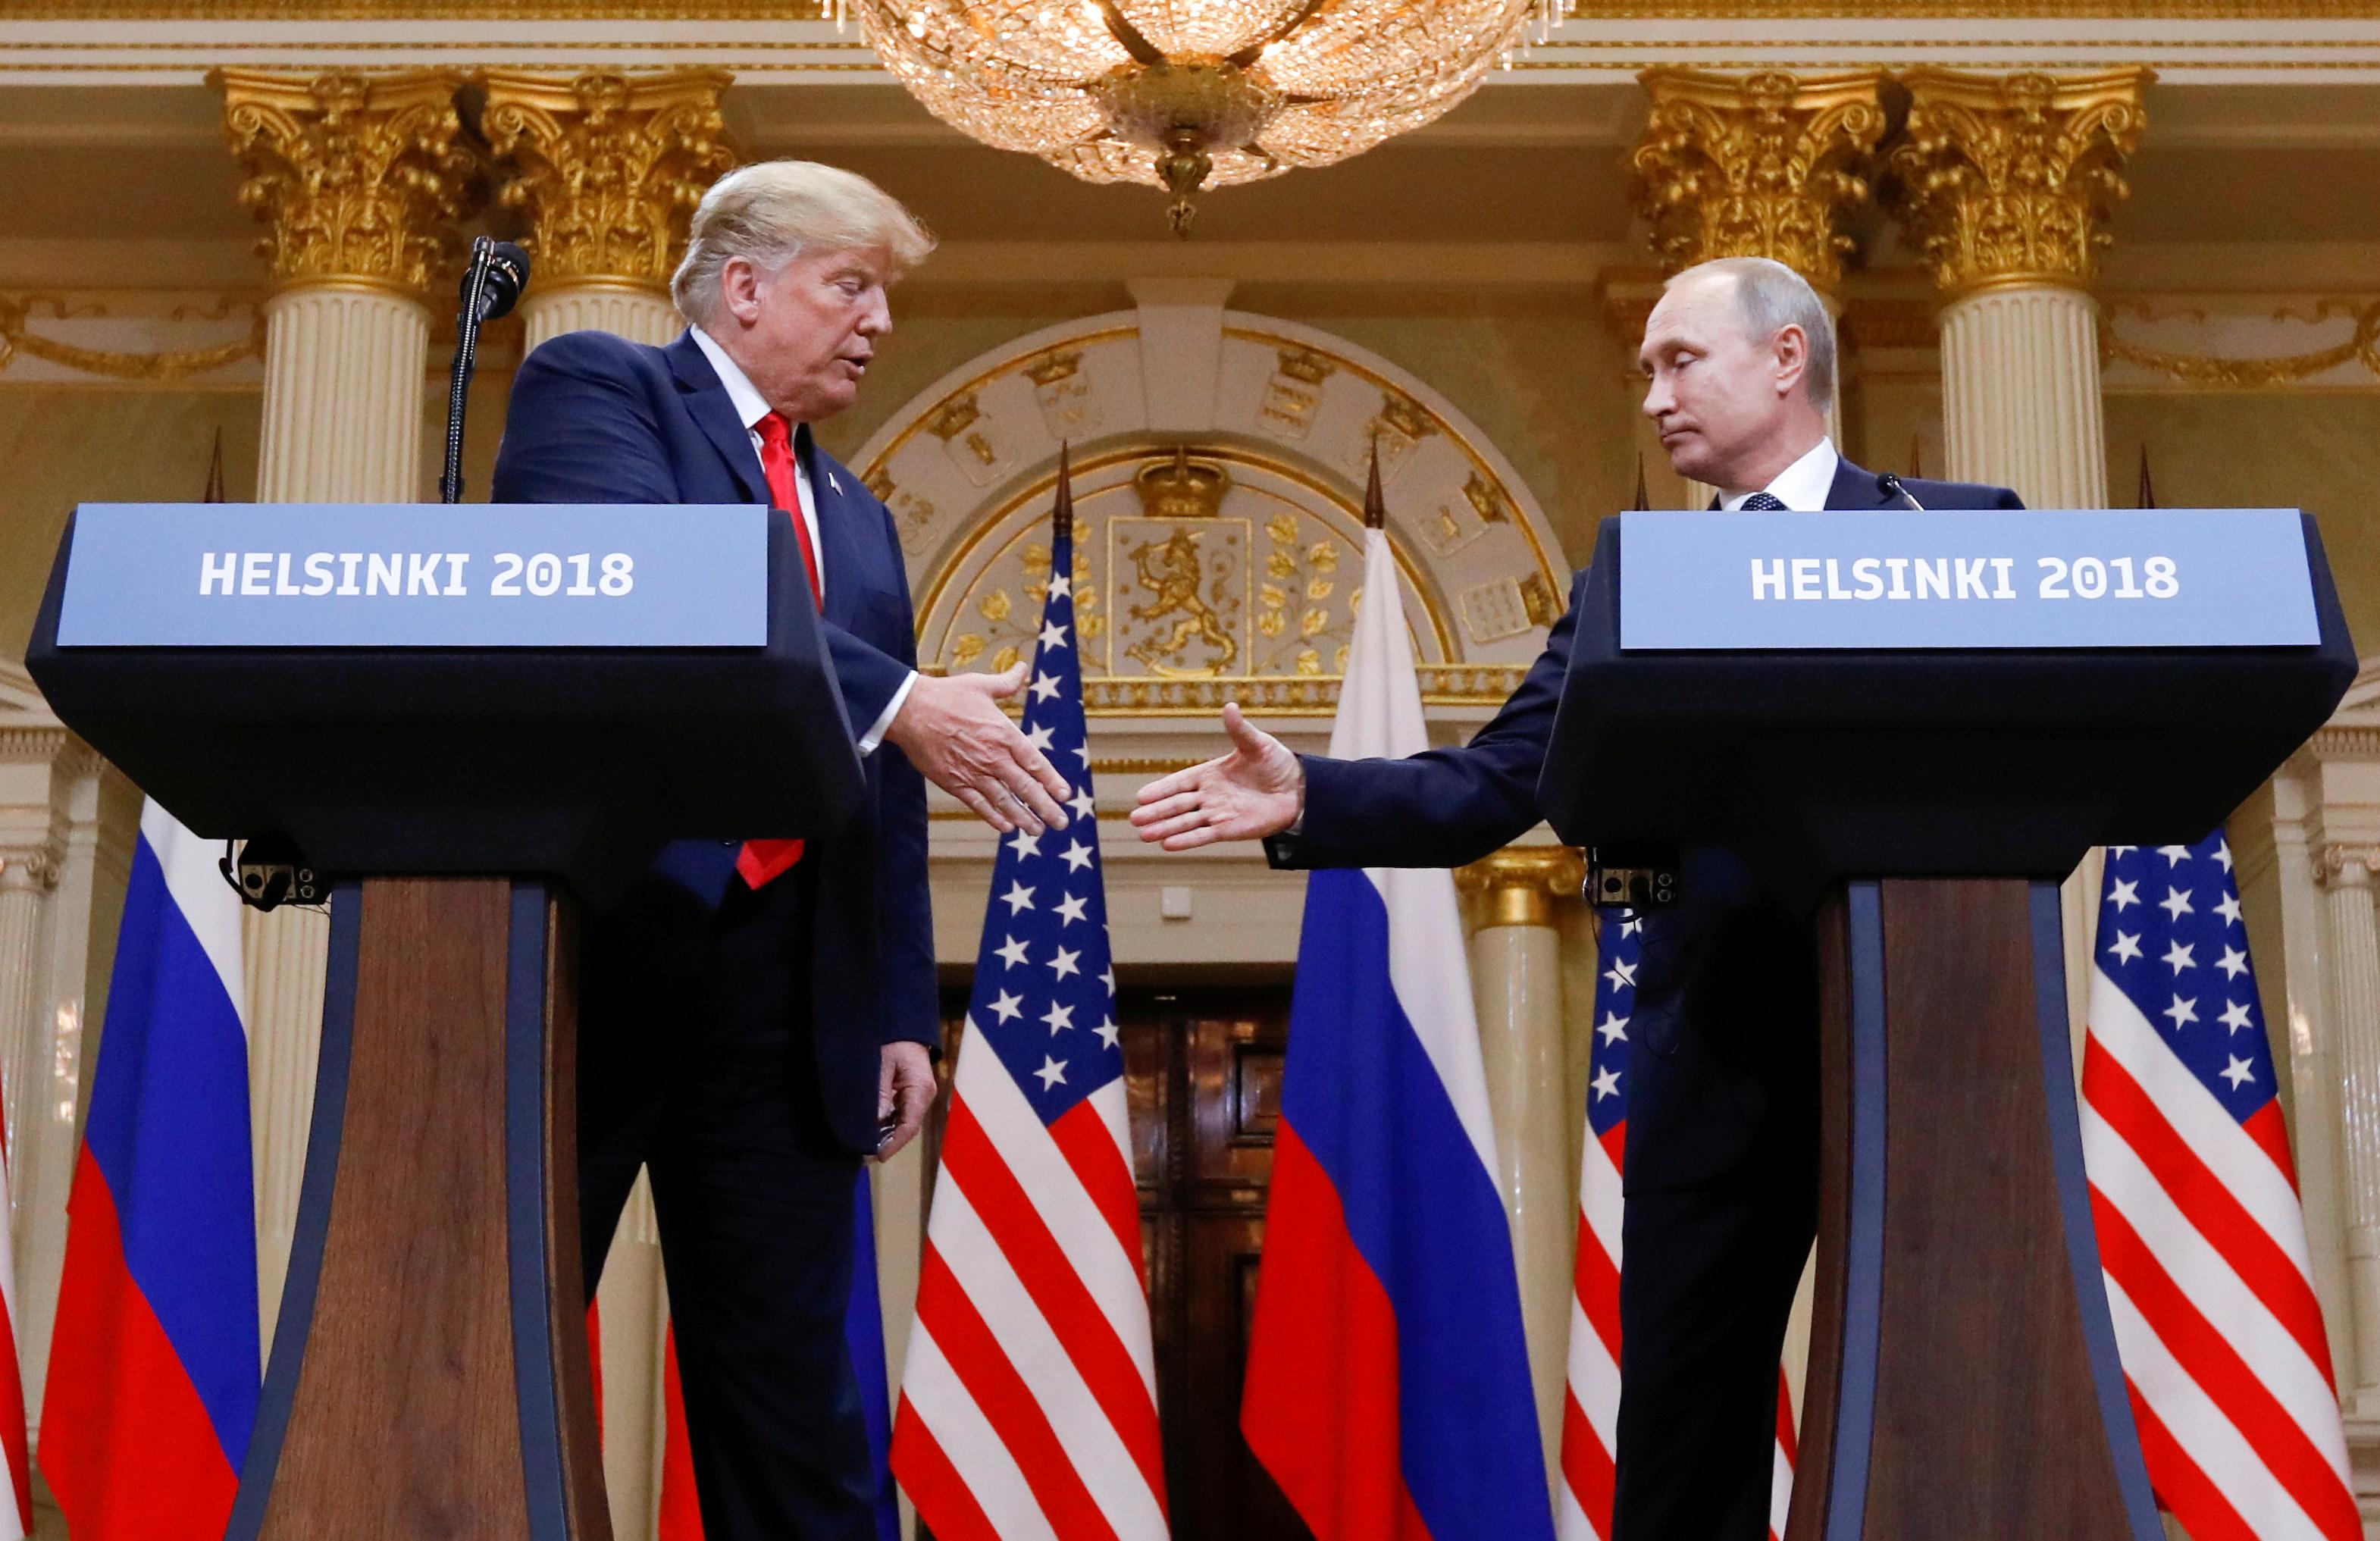 Η Μόσχα προειδοποιεί! Μόνο με όρους θα δοθούν στη δημοσιότητα οι συνομιλίες Πούτιν – Τραμπ